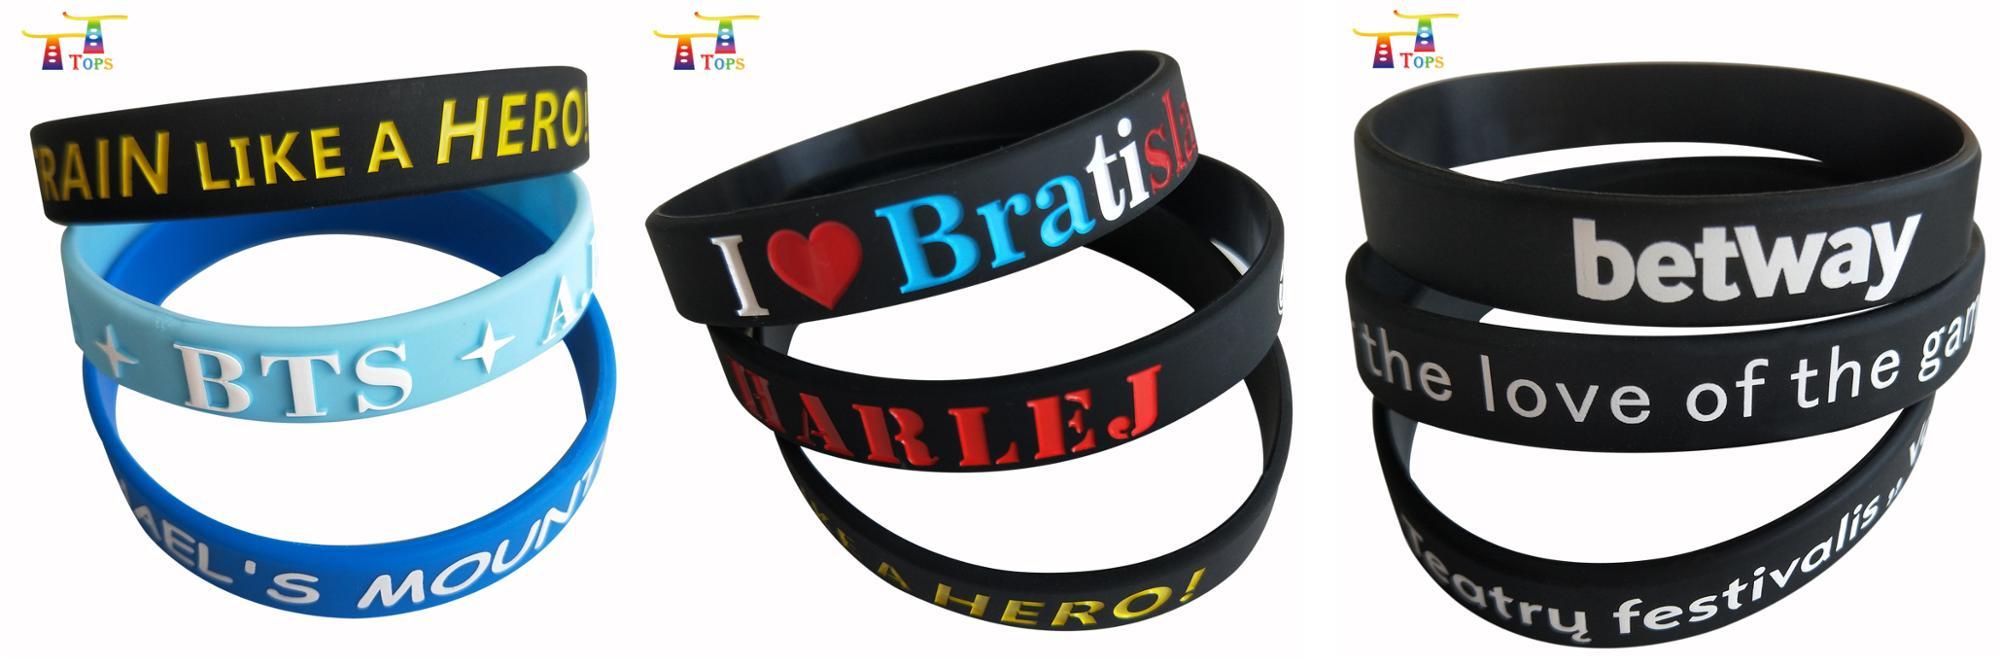 Nuovo prodotto regali promozionali personalizzati wristband del silicone, braccialetto del silicone, silicone bracciale